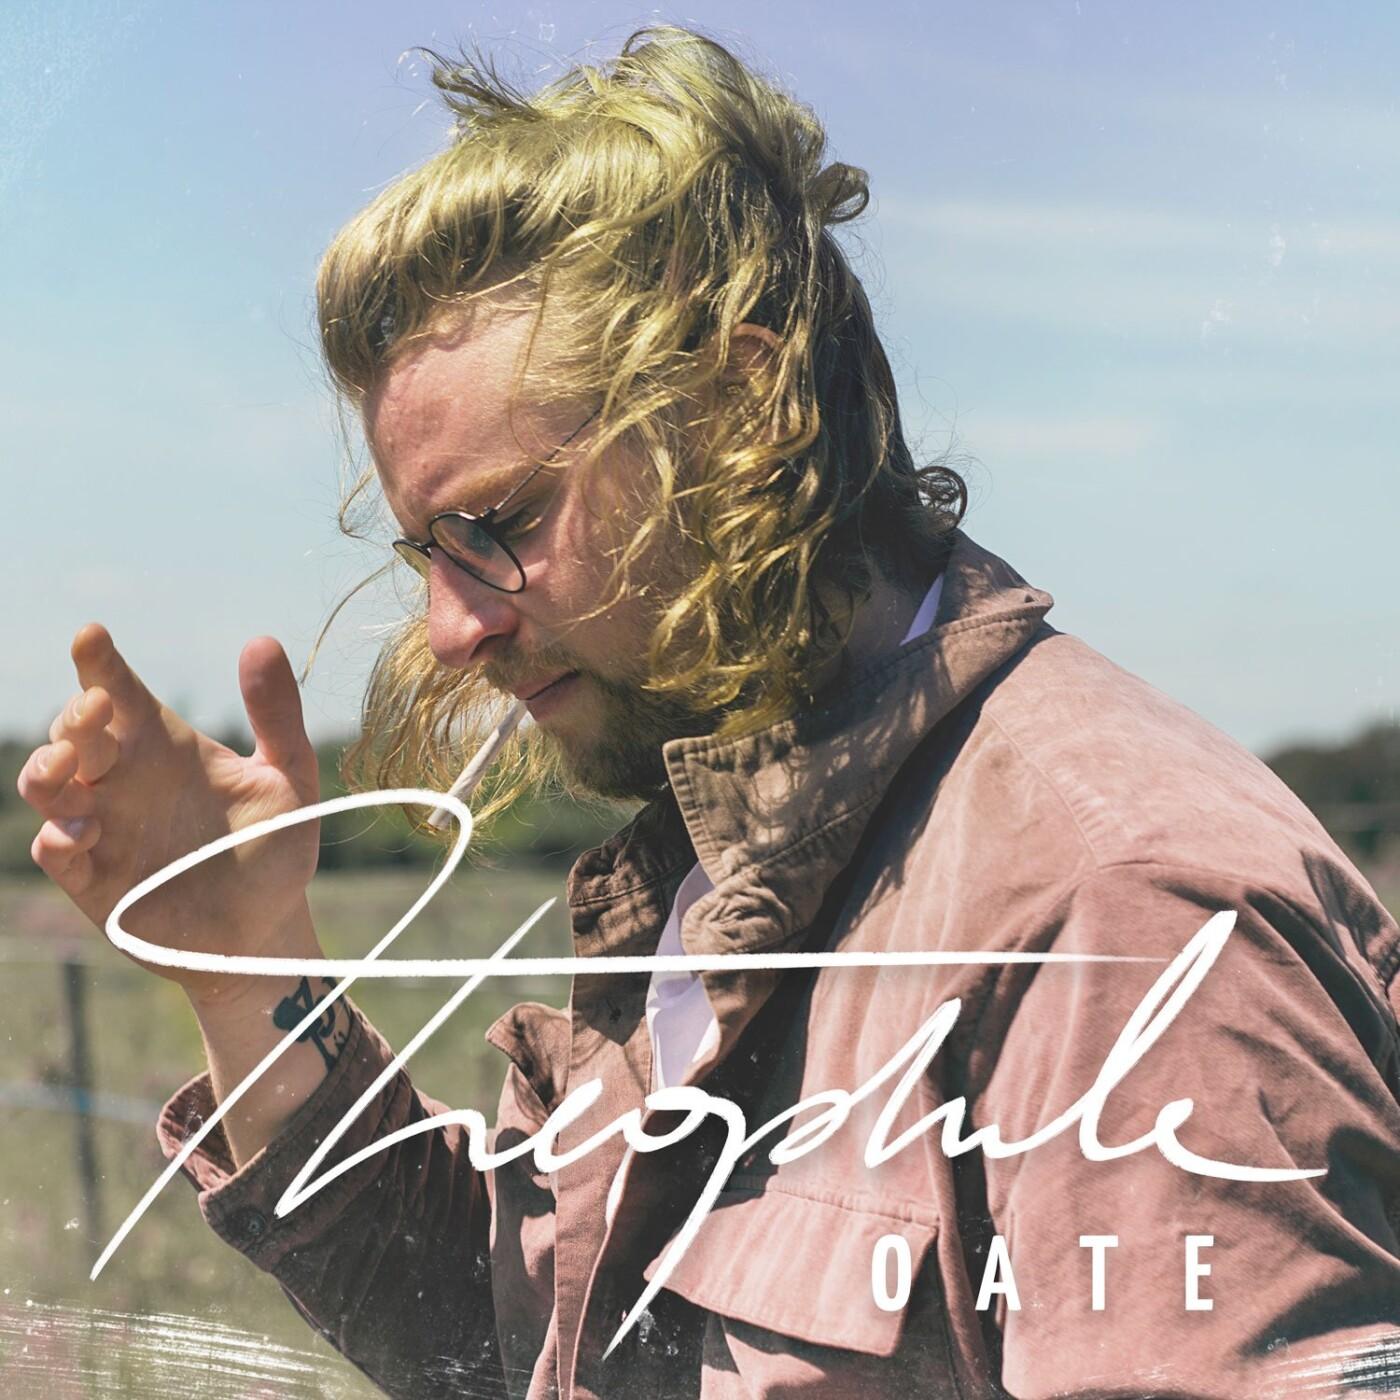 Théophile nous présente son single Oate - 22 10 2021 - StereoChic Radio